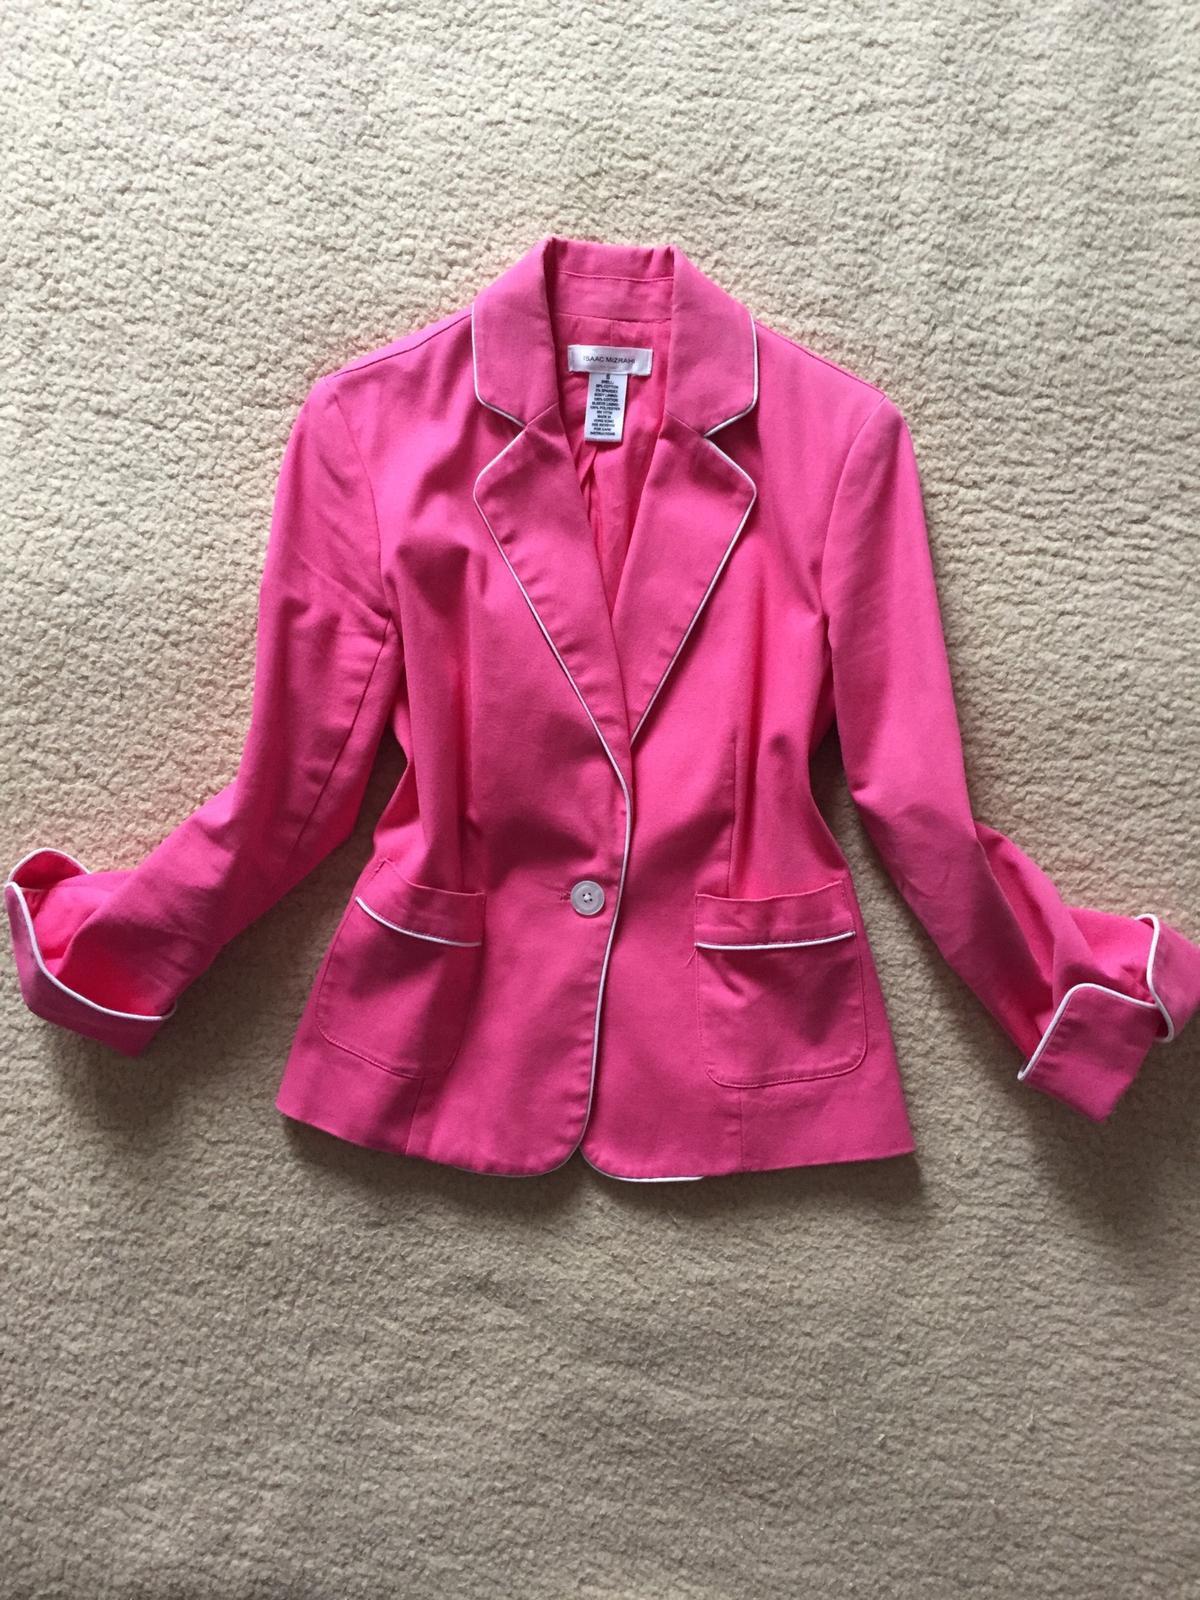 Pink kabátik/sako - Obrázok č. 1